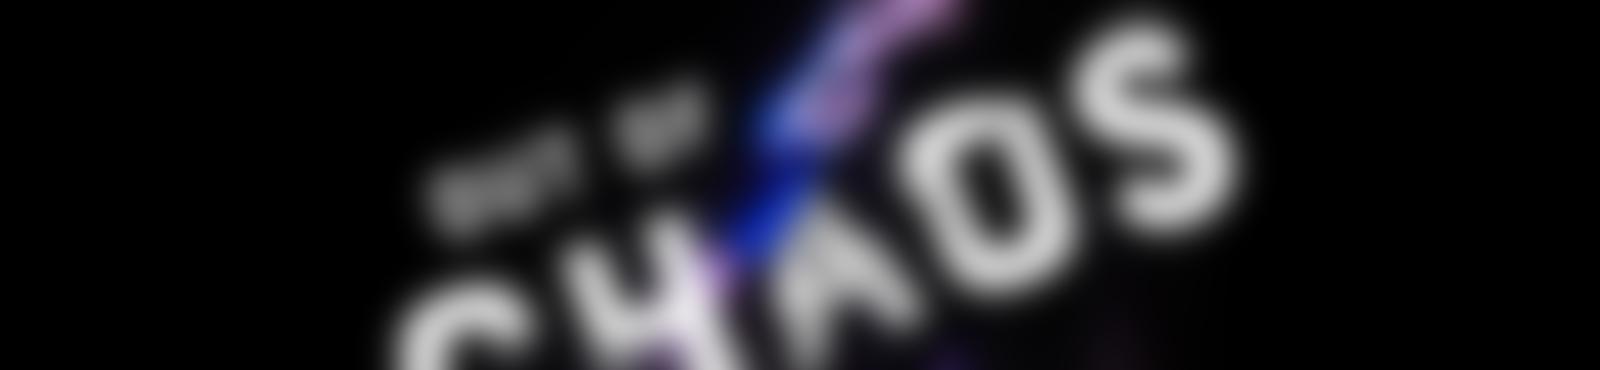 Blurred d1406f55 60eb 4f3c b9ab b7aae1524852